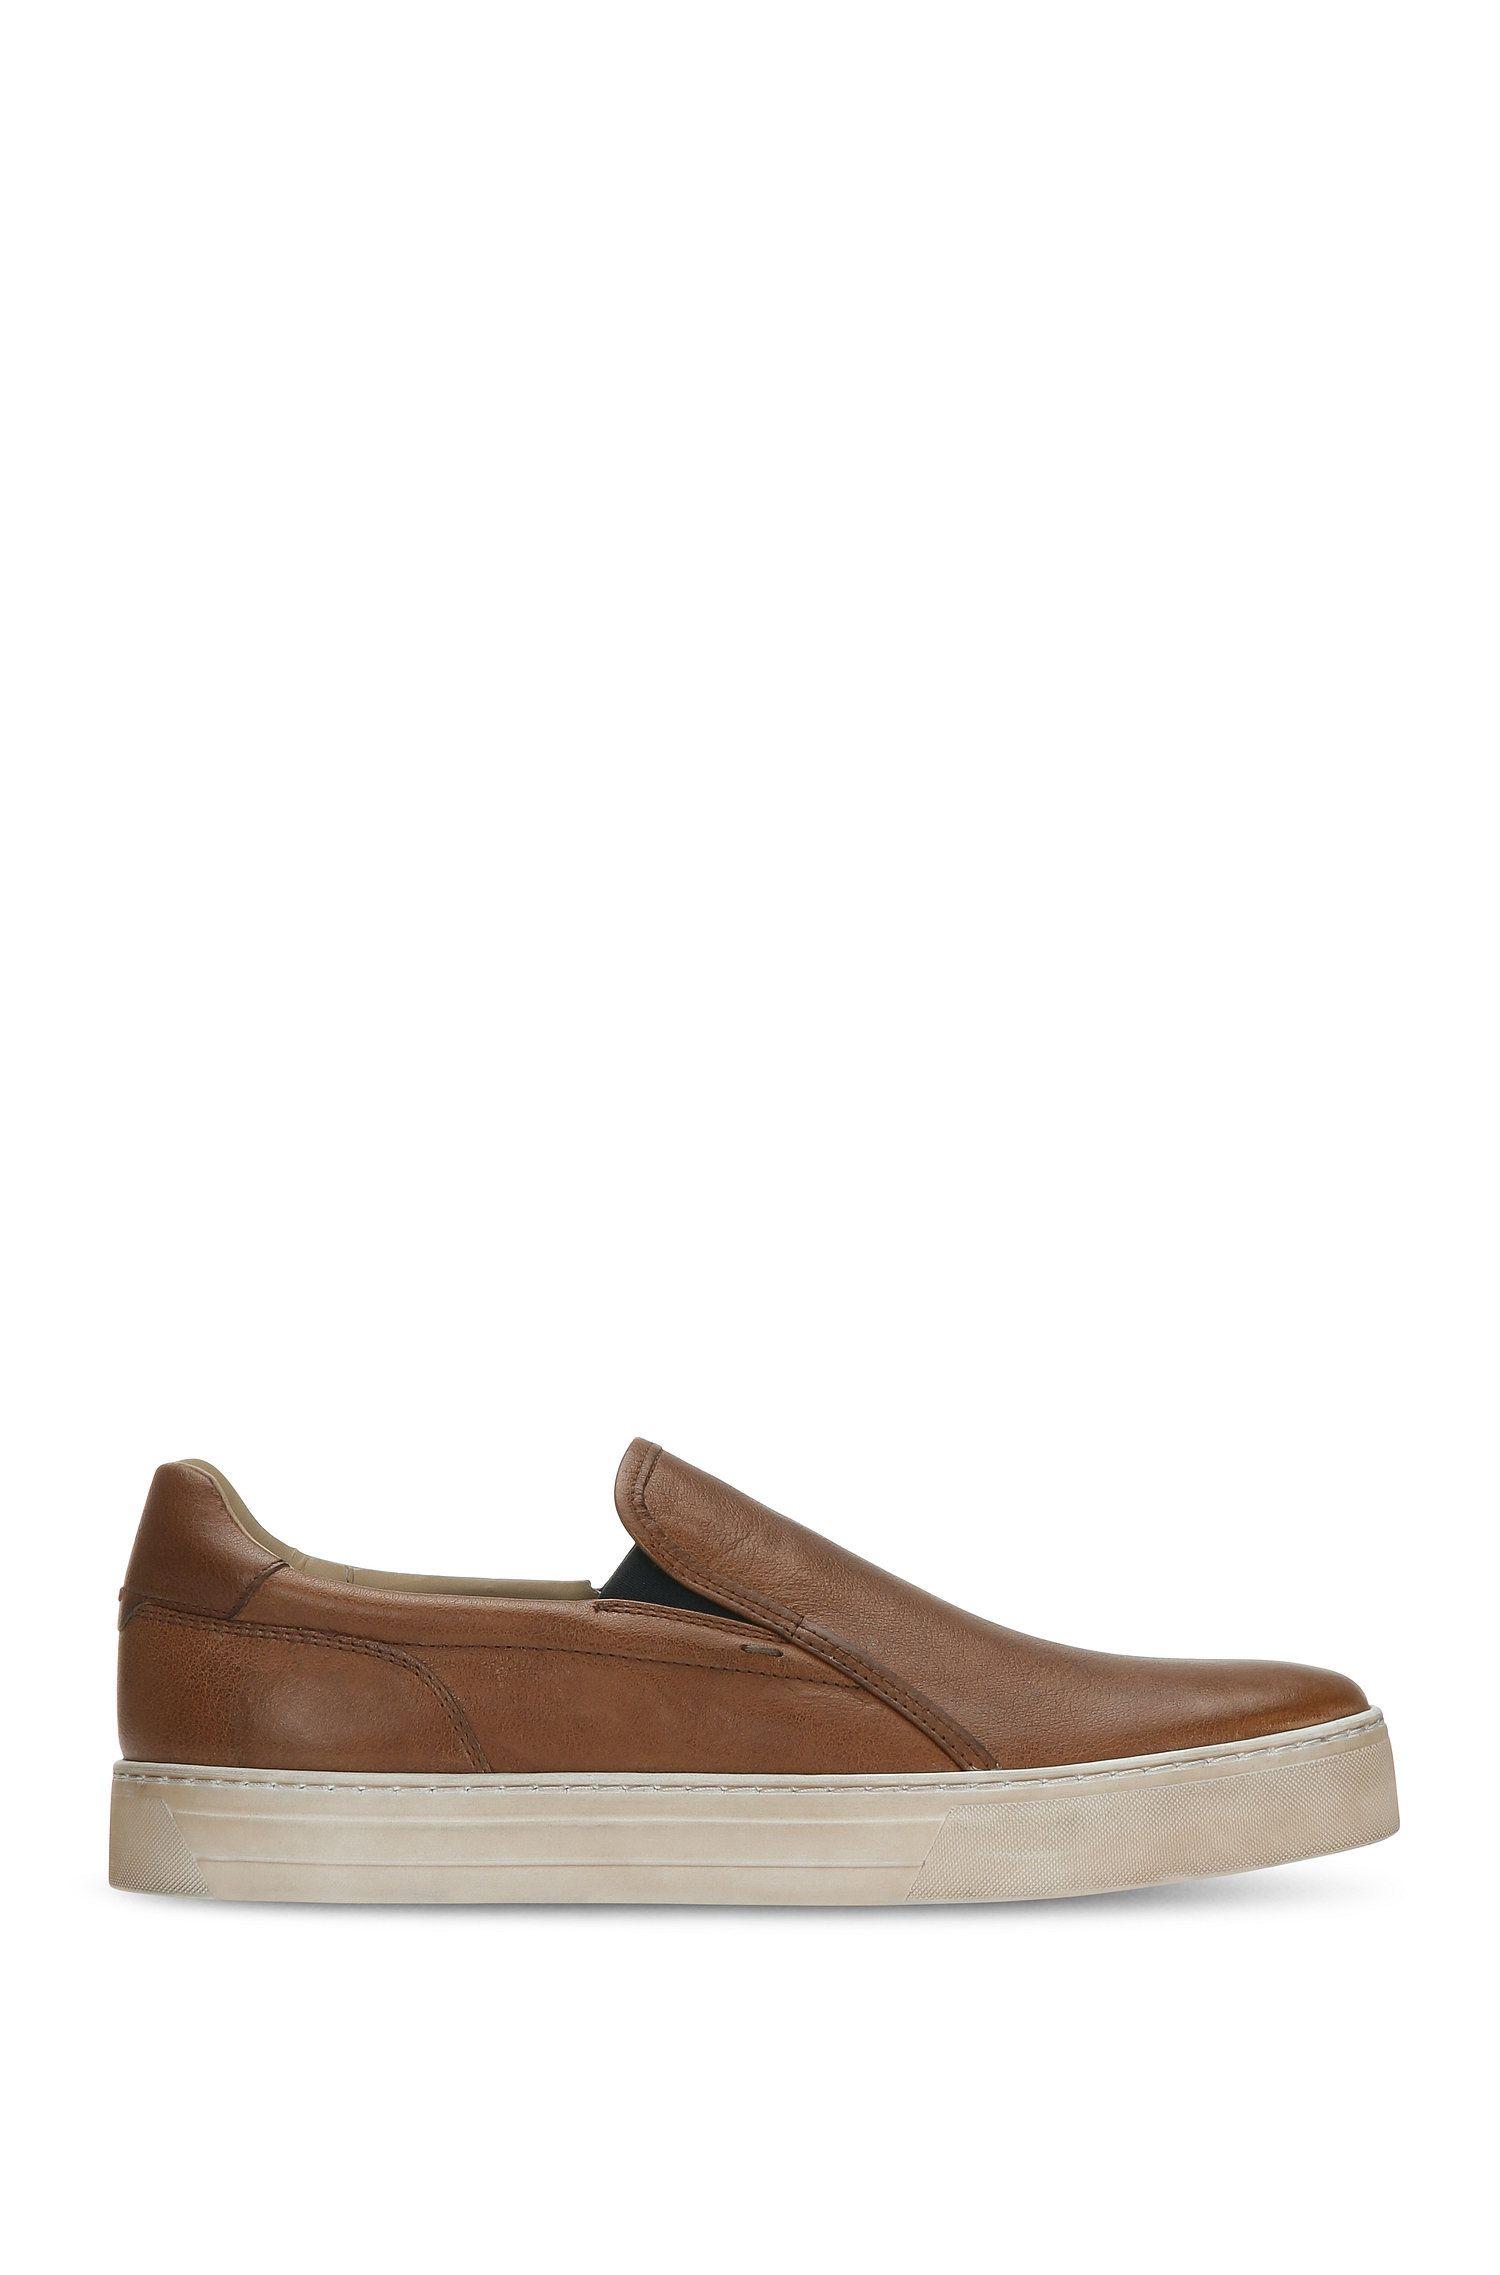 'Noir Slon Itws' | Calfskin Slip-on Skate Shoes